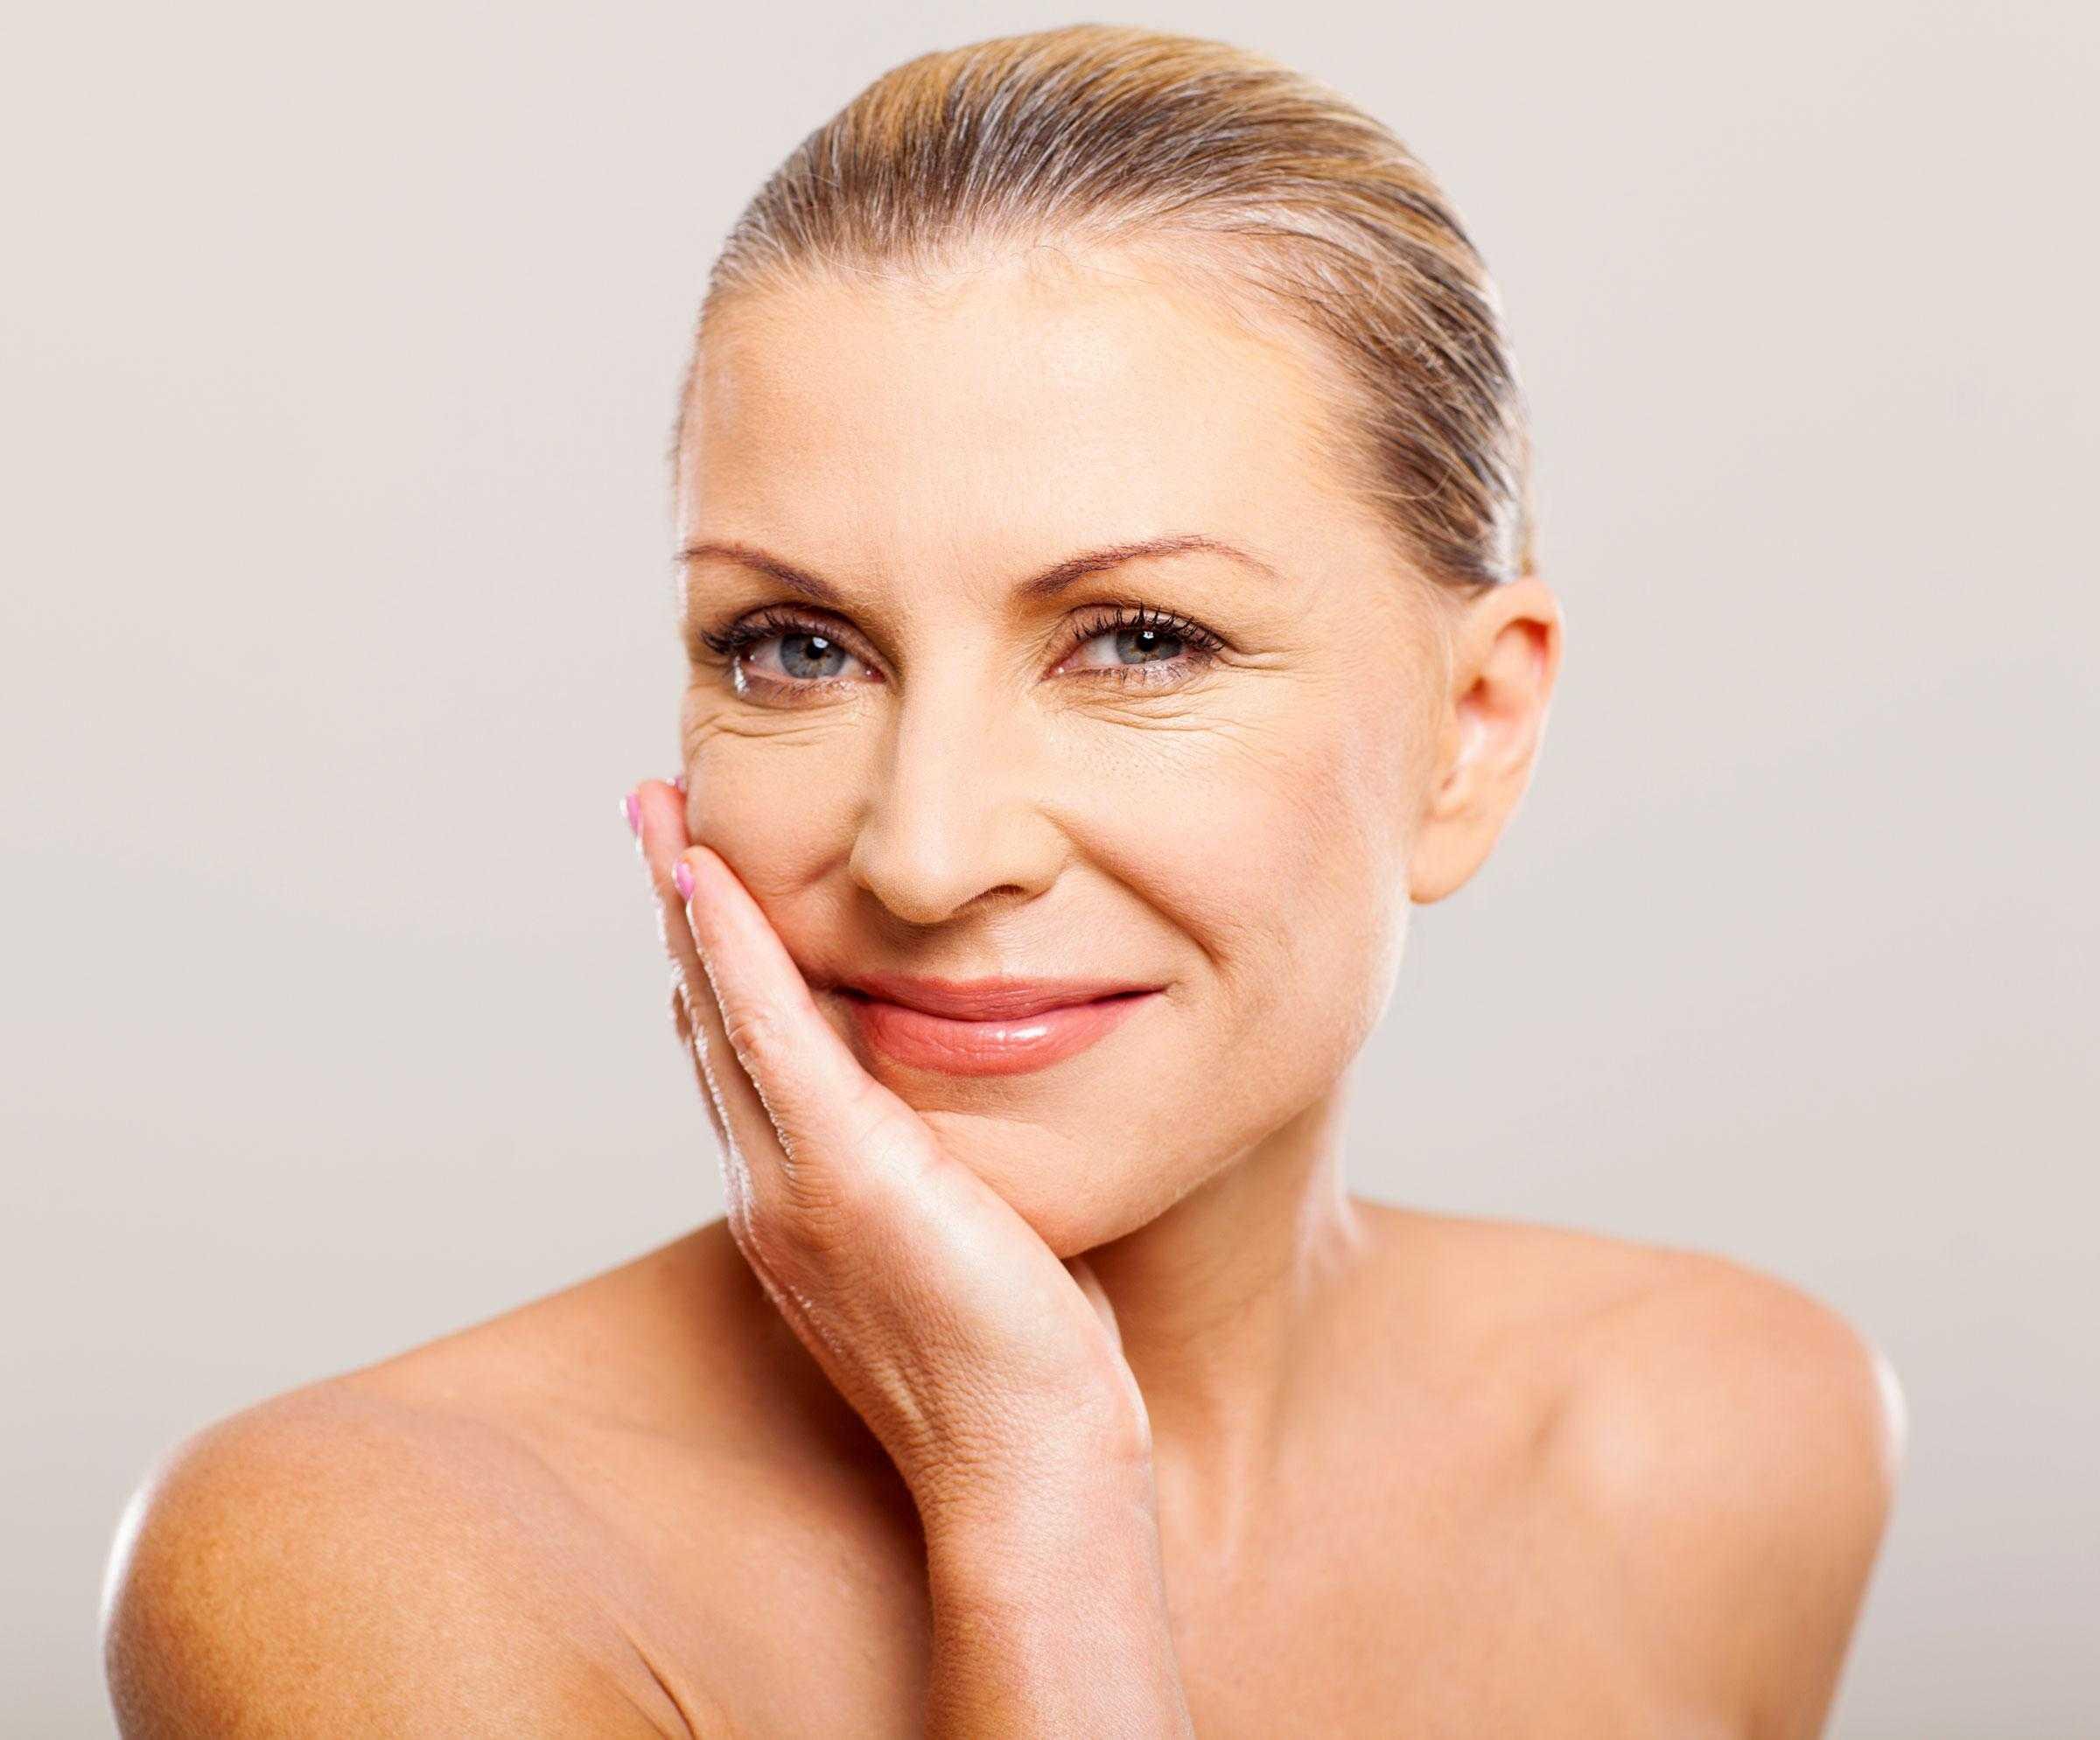 Омолаживающий макияж – как обмануть время с помощью косметики?